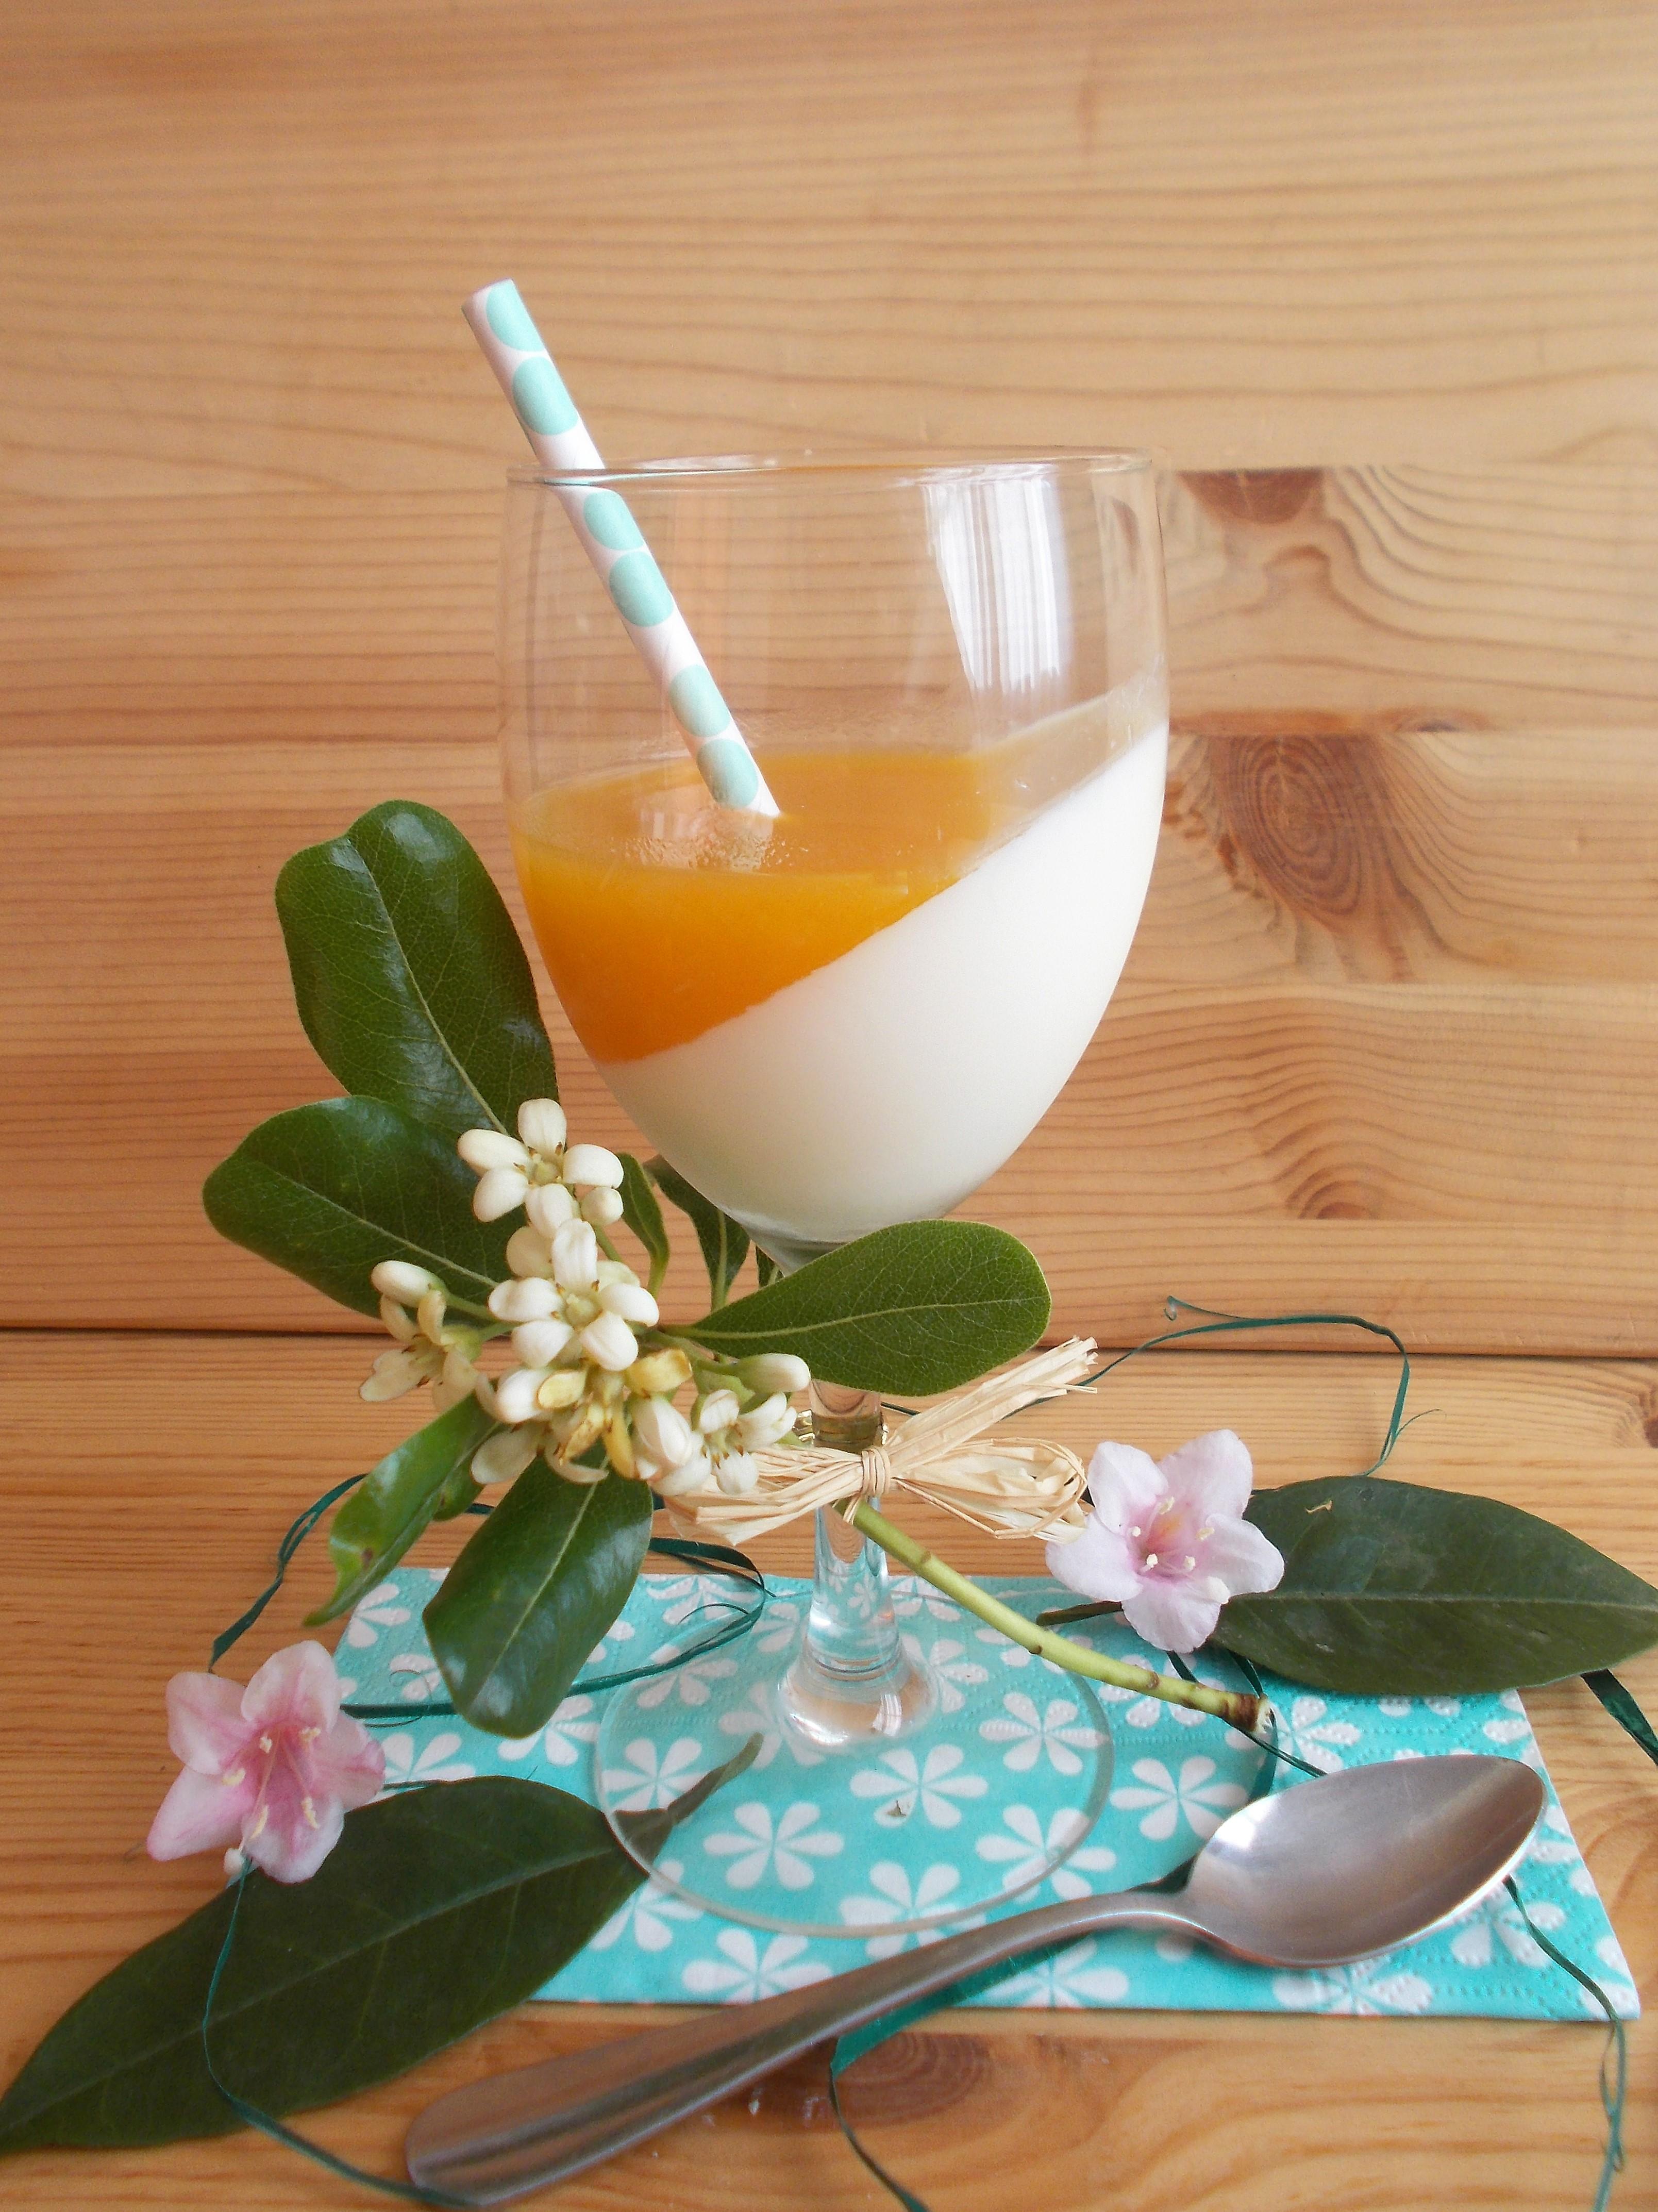 Panna cotta fleur d'oranger et abricot [IG bas]